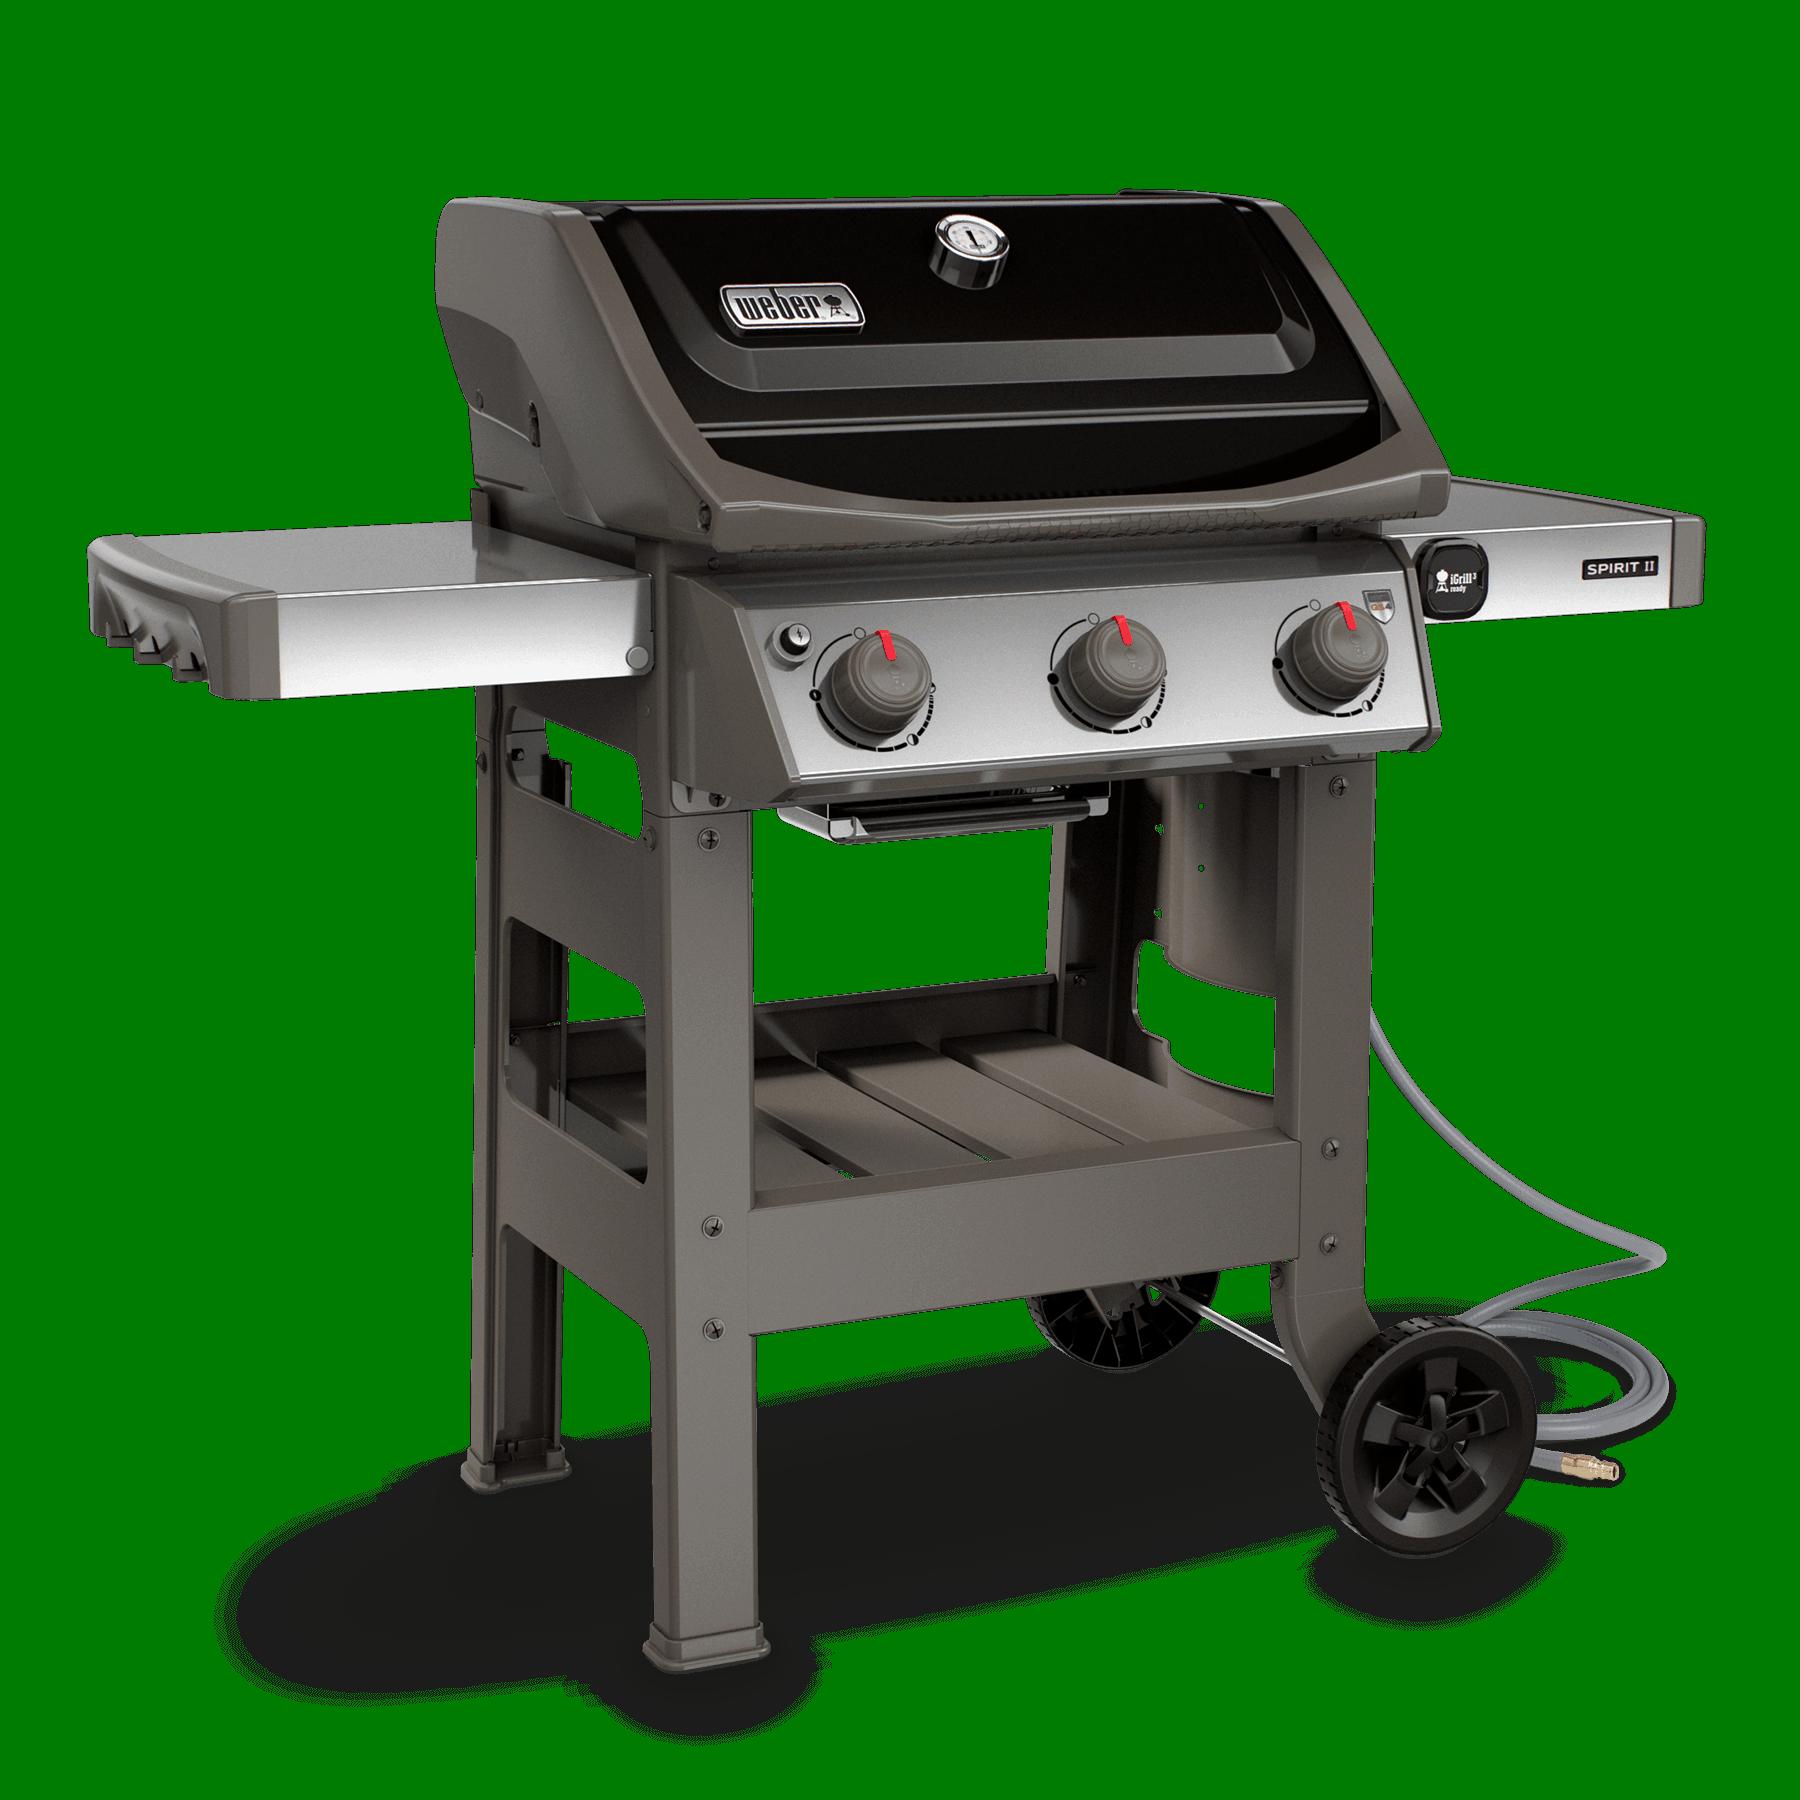 Barbecue Texas Durable Modeling Yard, Garden & Outdoor Living